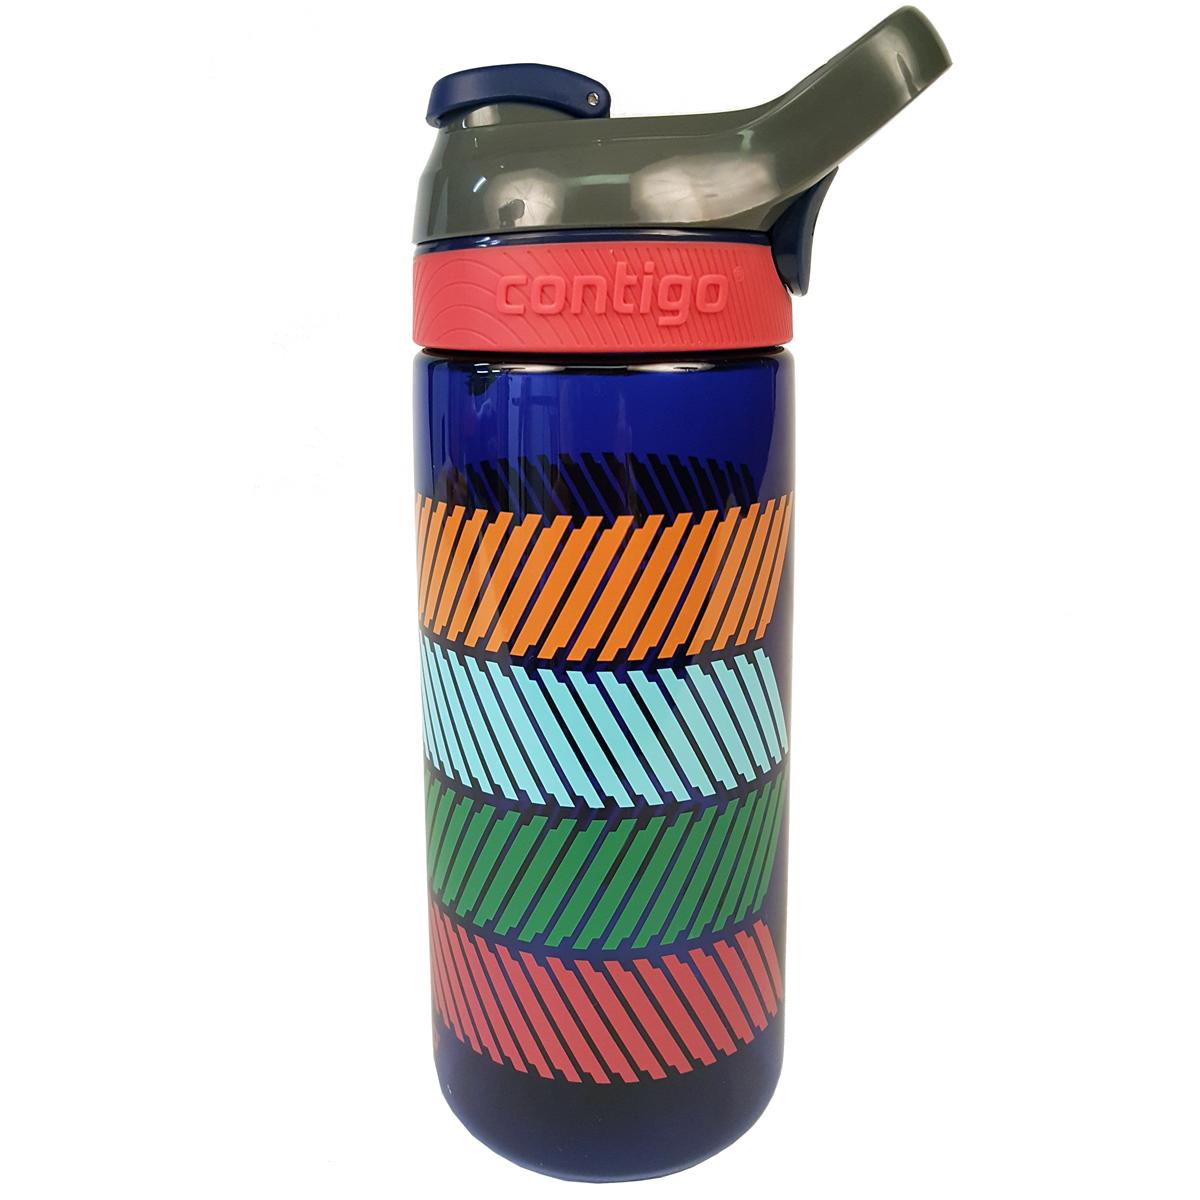 Contigo-20-oz-Kid-039-s-Courtney-AutoSeal-Water-Bottle thumbnail 9